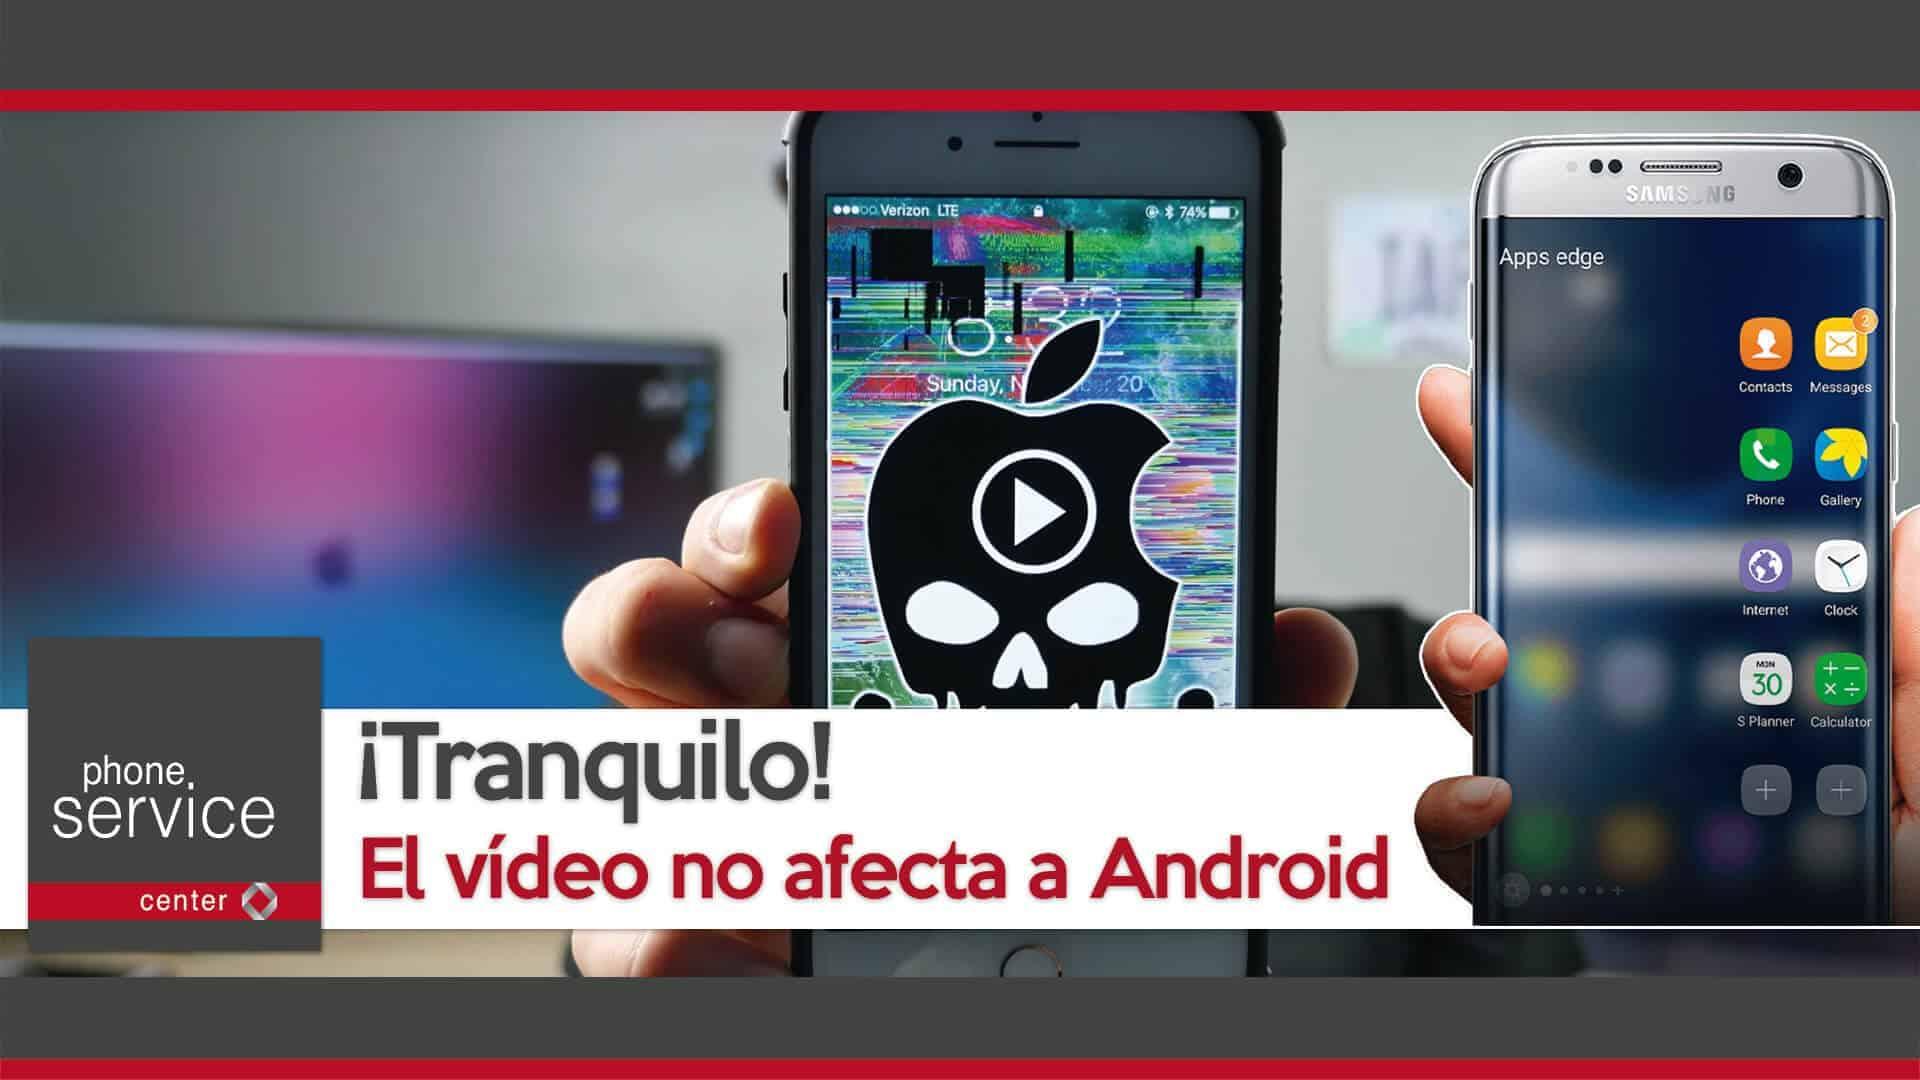 El video no afecta a Android